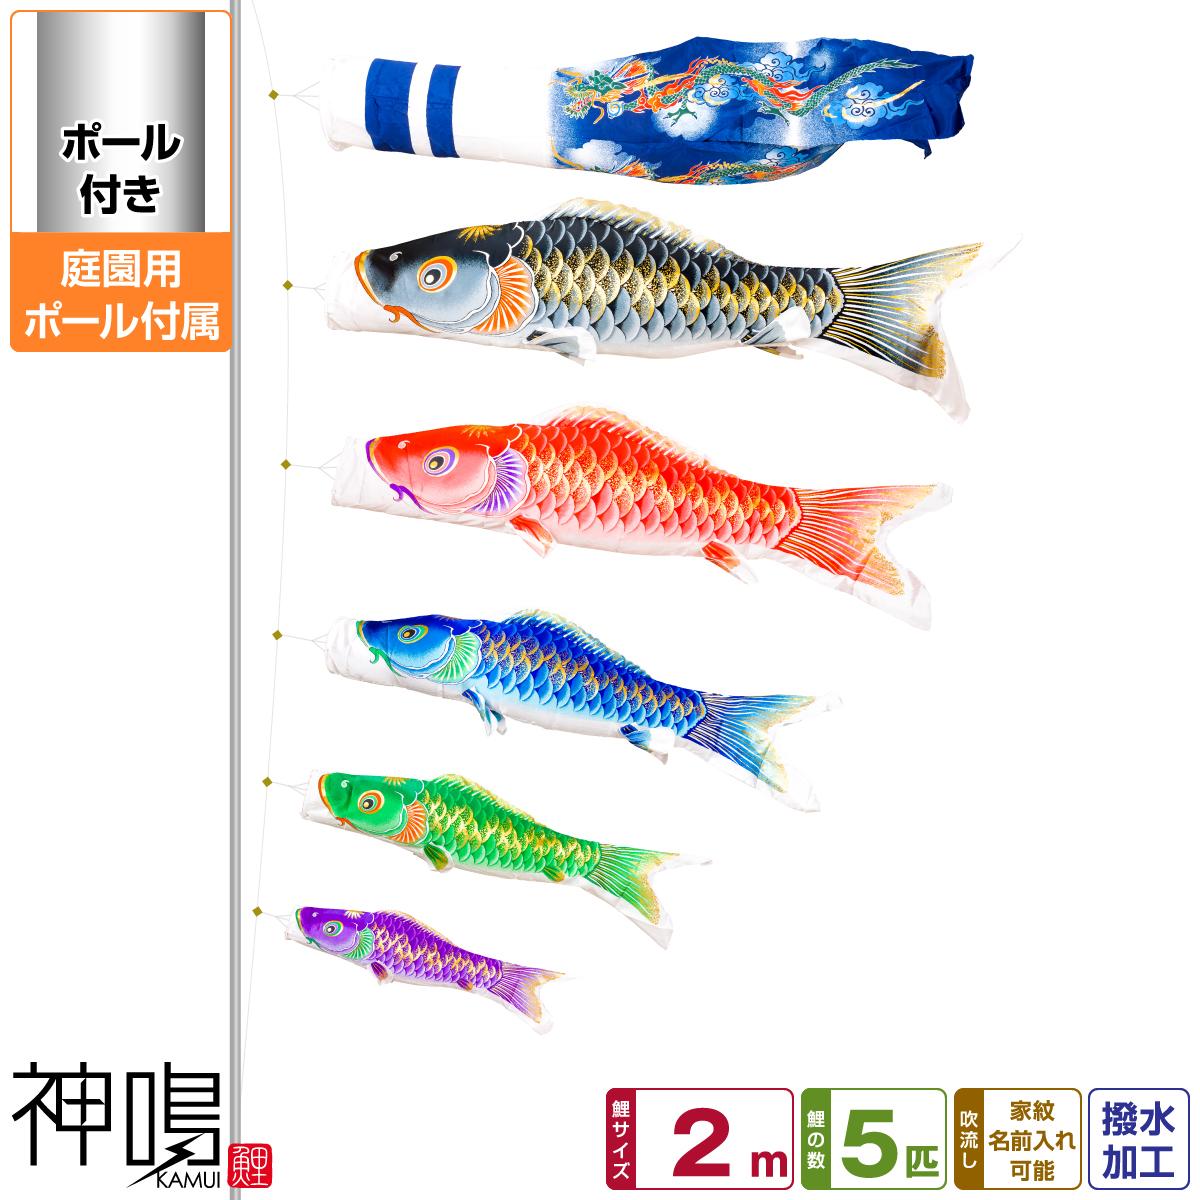 庭用 こいのぼり 神鳴鯉-KAMUI- 2m 8点(吹流し+鯉5匹+矢車+ロープ)/ガーデンセット(杭打ちポール)